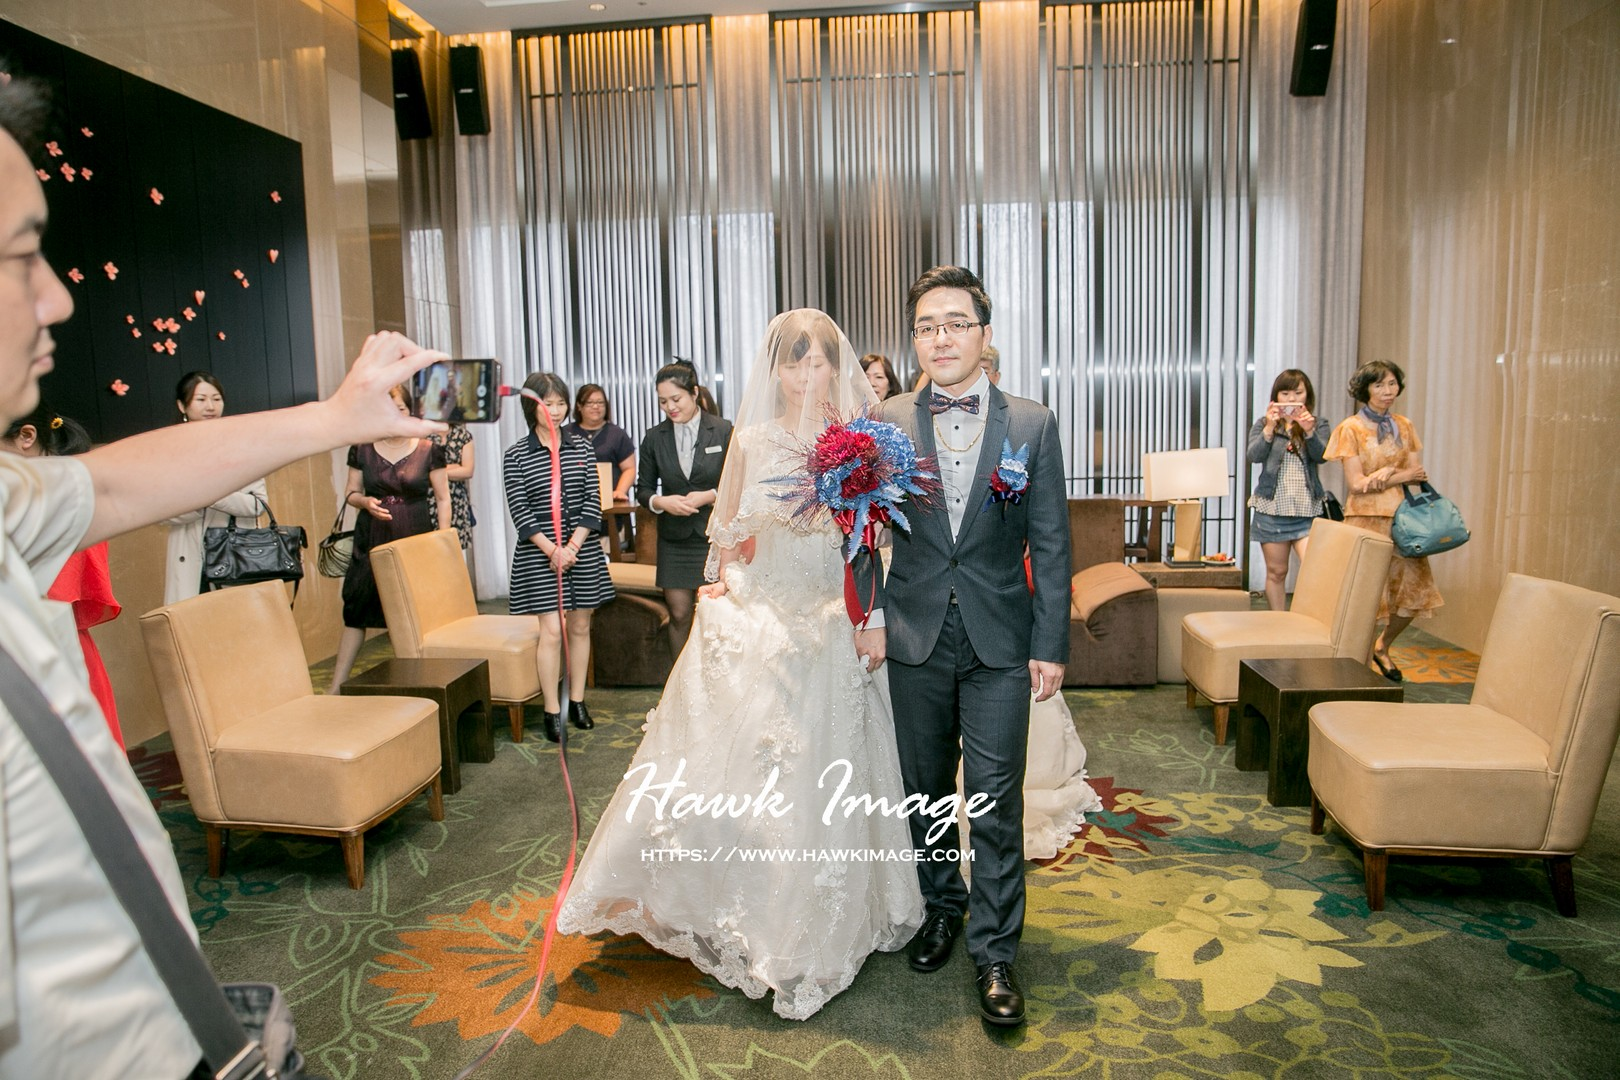 婚攝,婚禮攝影價格,婚禮錄影,婚攝ptt,婚禮攝影